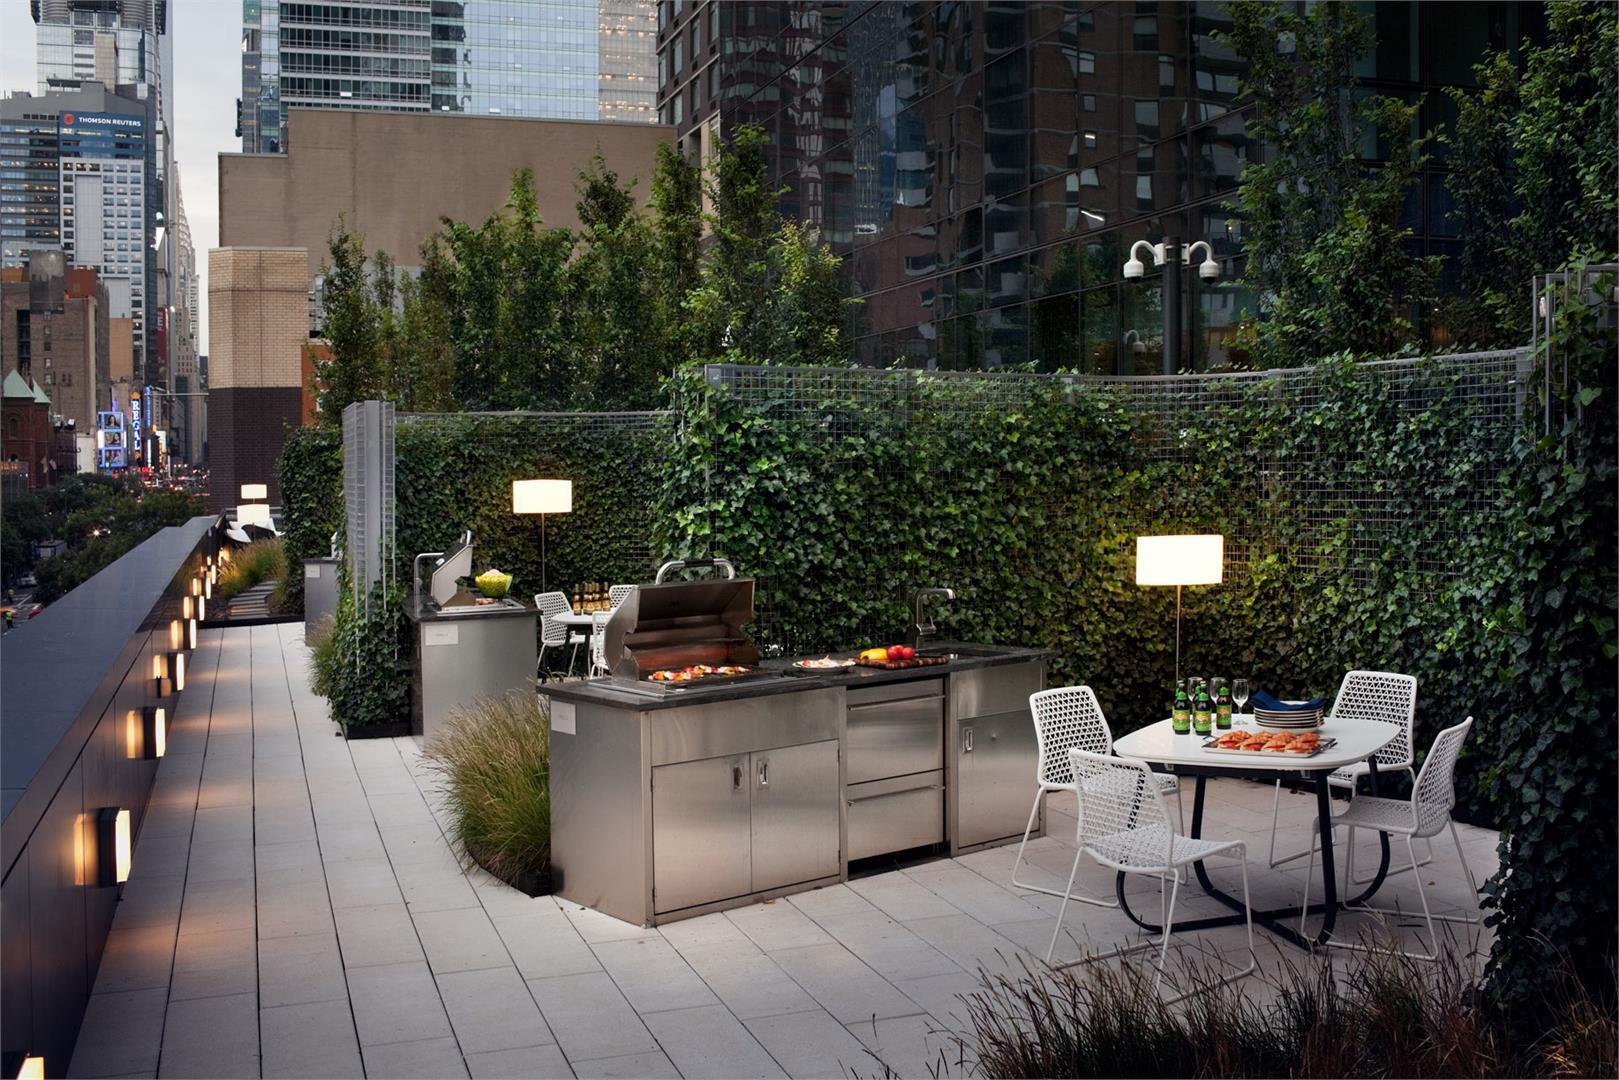 ManhattanView_Barbecue